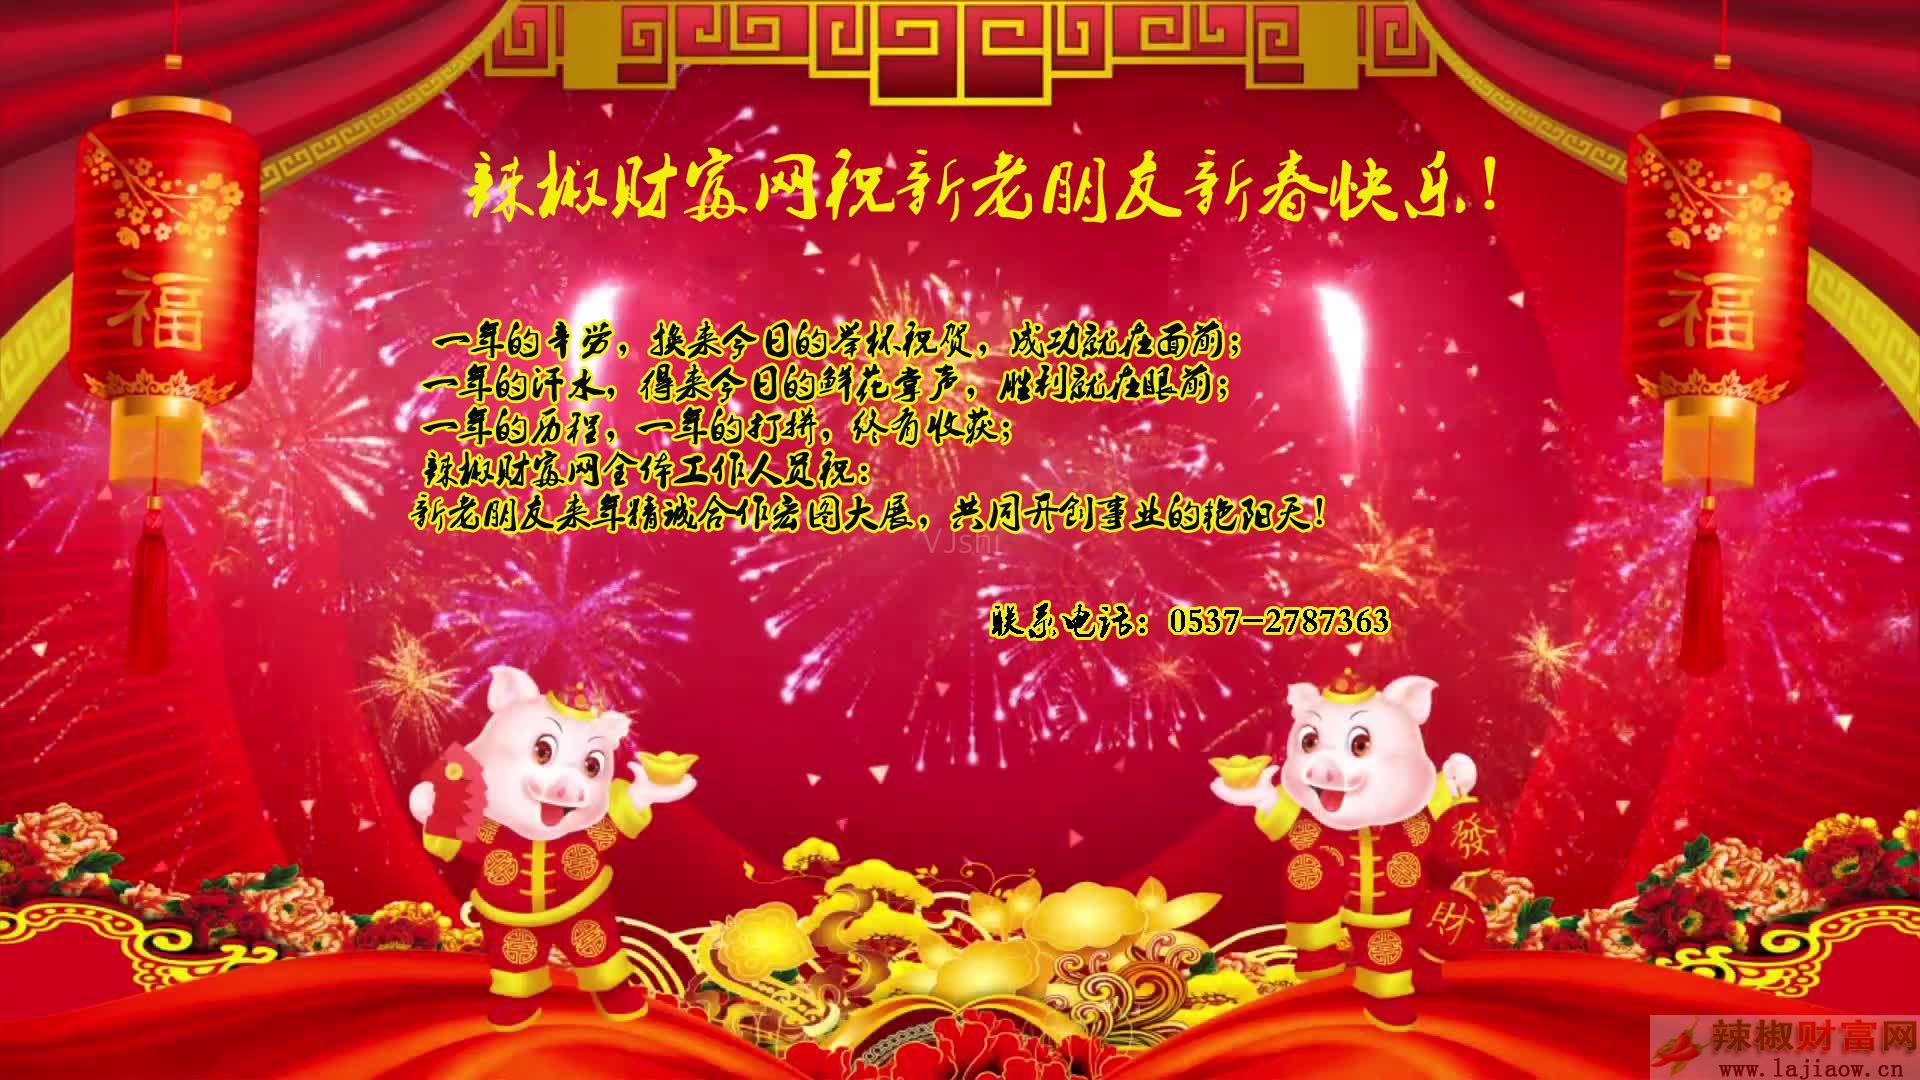 辣椒财富网祝新老朋友新春快乐